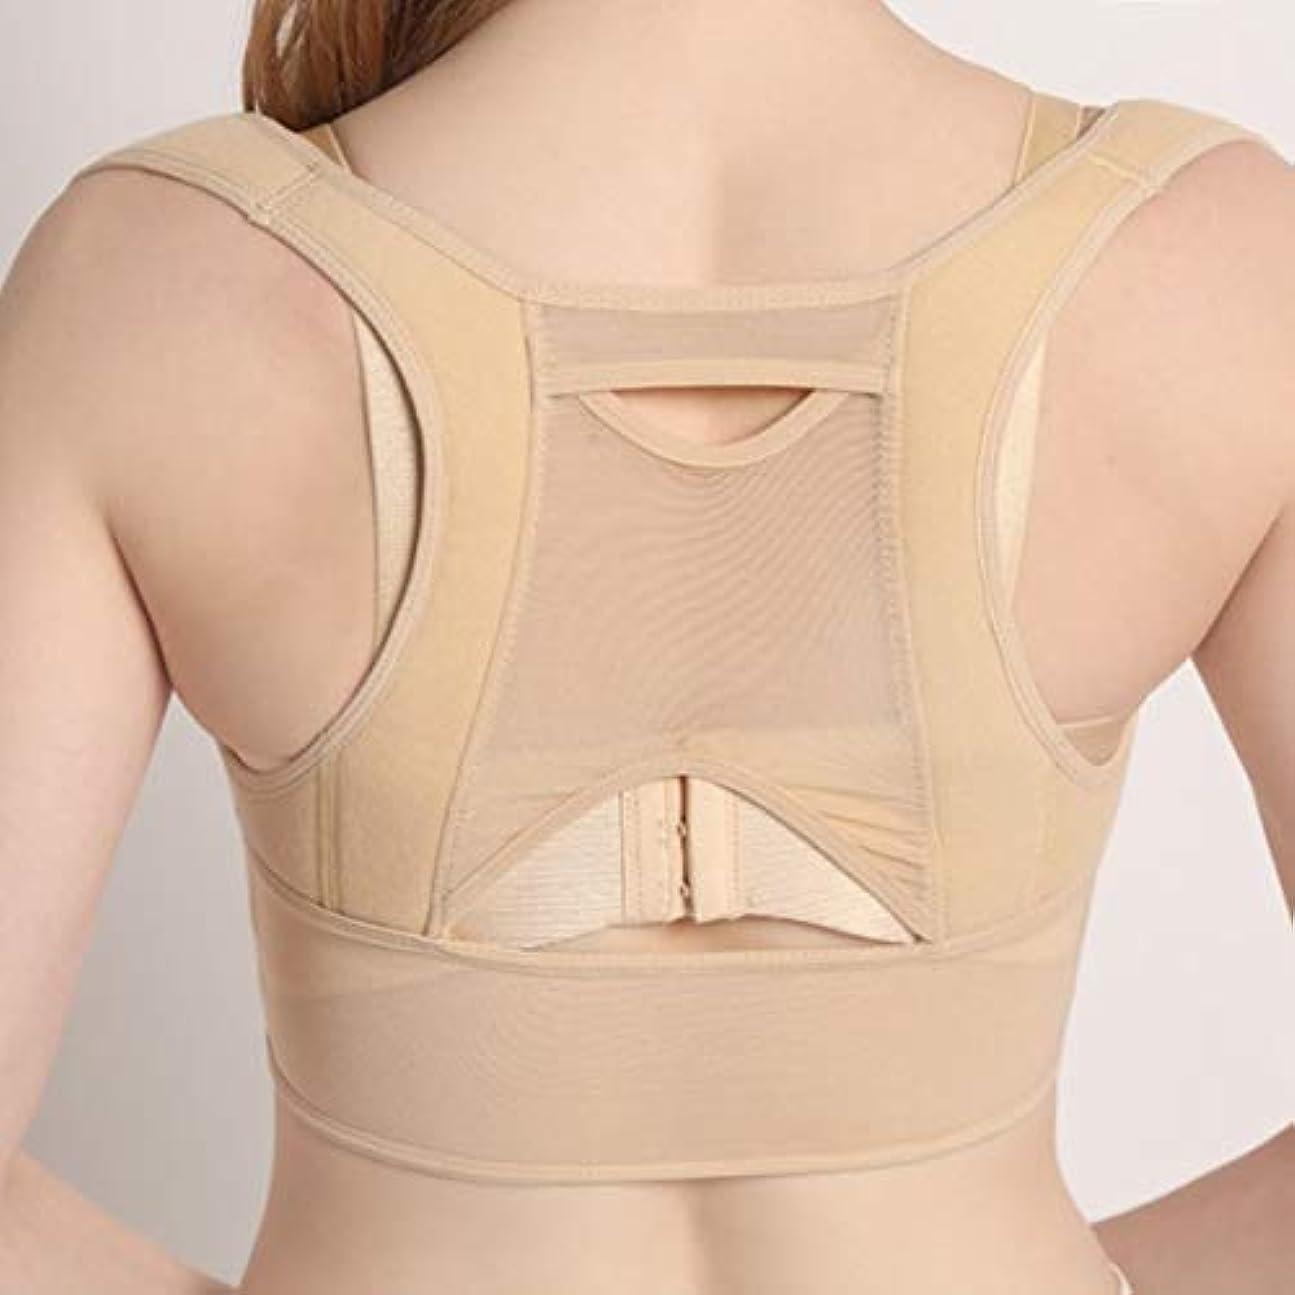 報酬運営おばあさんインターコアリーボディーコレクション 女性背部姿勢矯正コルセット整形外科肩こり脊椎姿勢矯正腰椎サポート